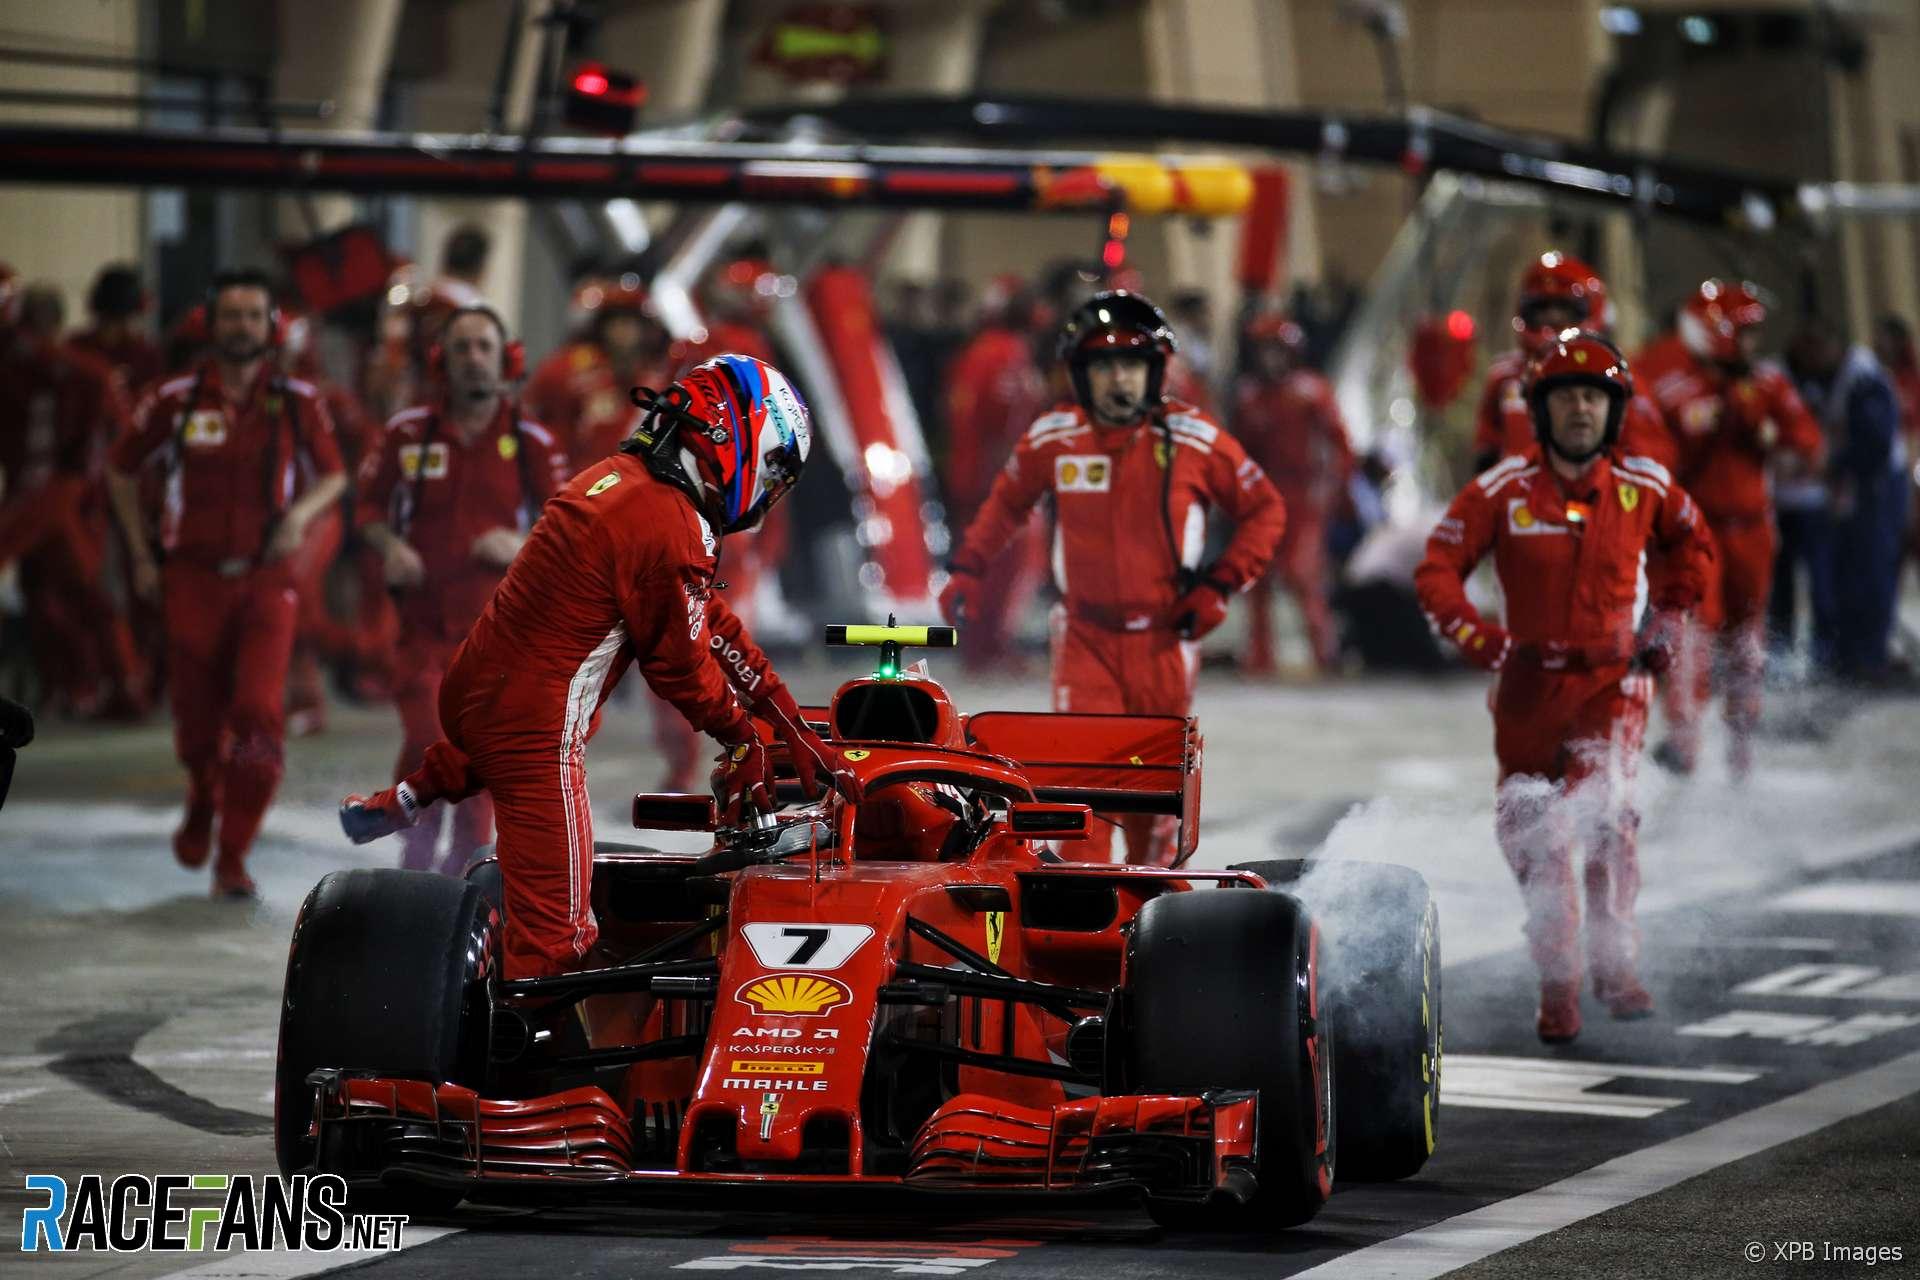 Kimi Raikkonen, Ferrari, Bahrain International Circuit, 2018